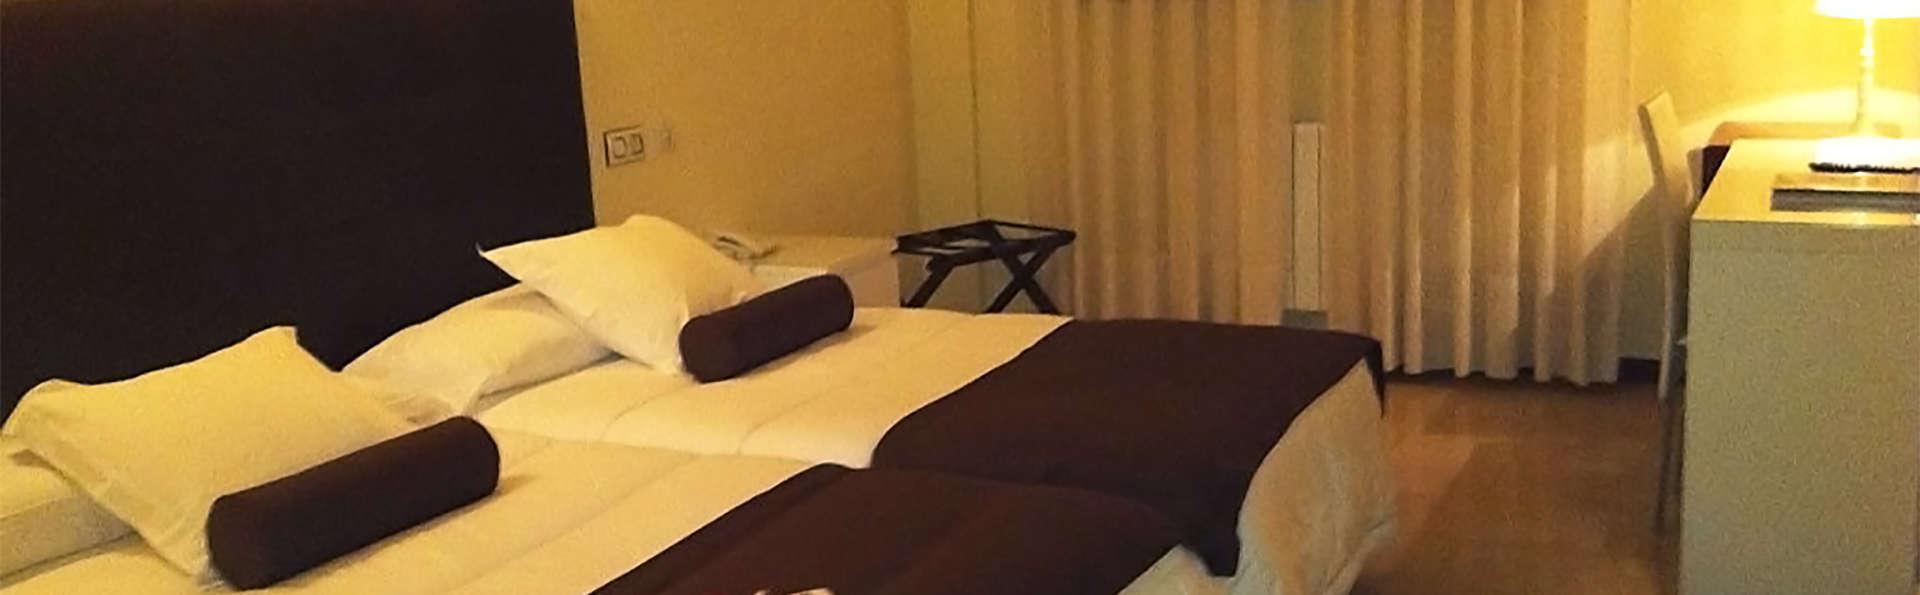 Hotel Emperatriz III - EDIT_room3.jpg